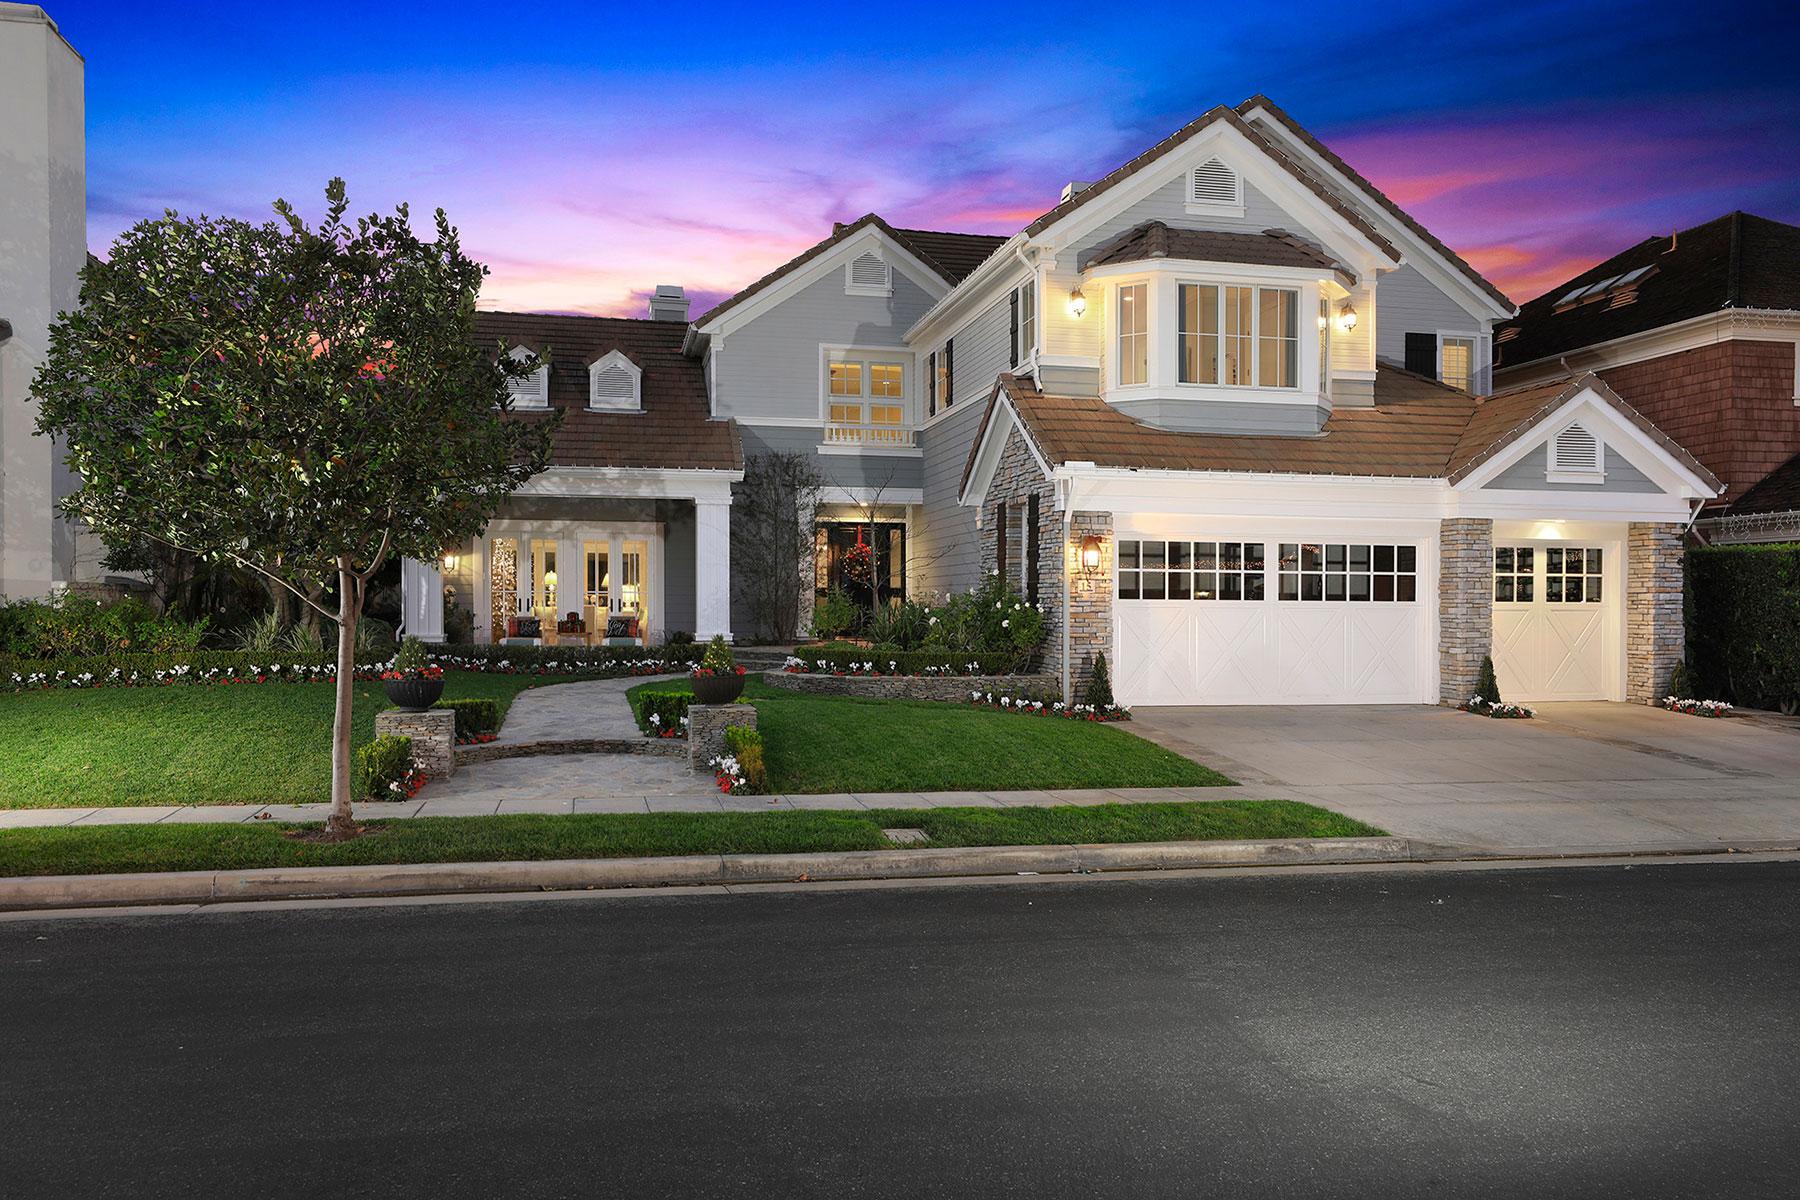 Maison unifamiliale pour l Vente à 15 Gleneagles Dr Newport Beach, Californie 92660 États-Unis